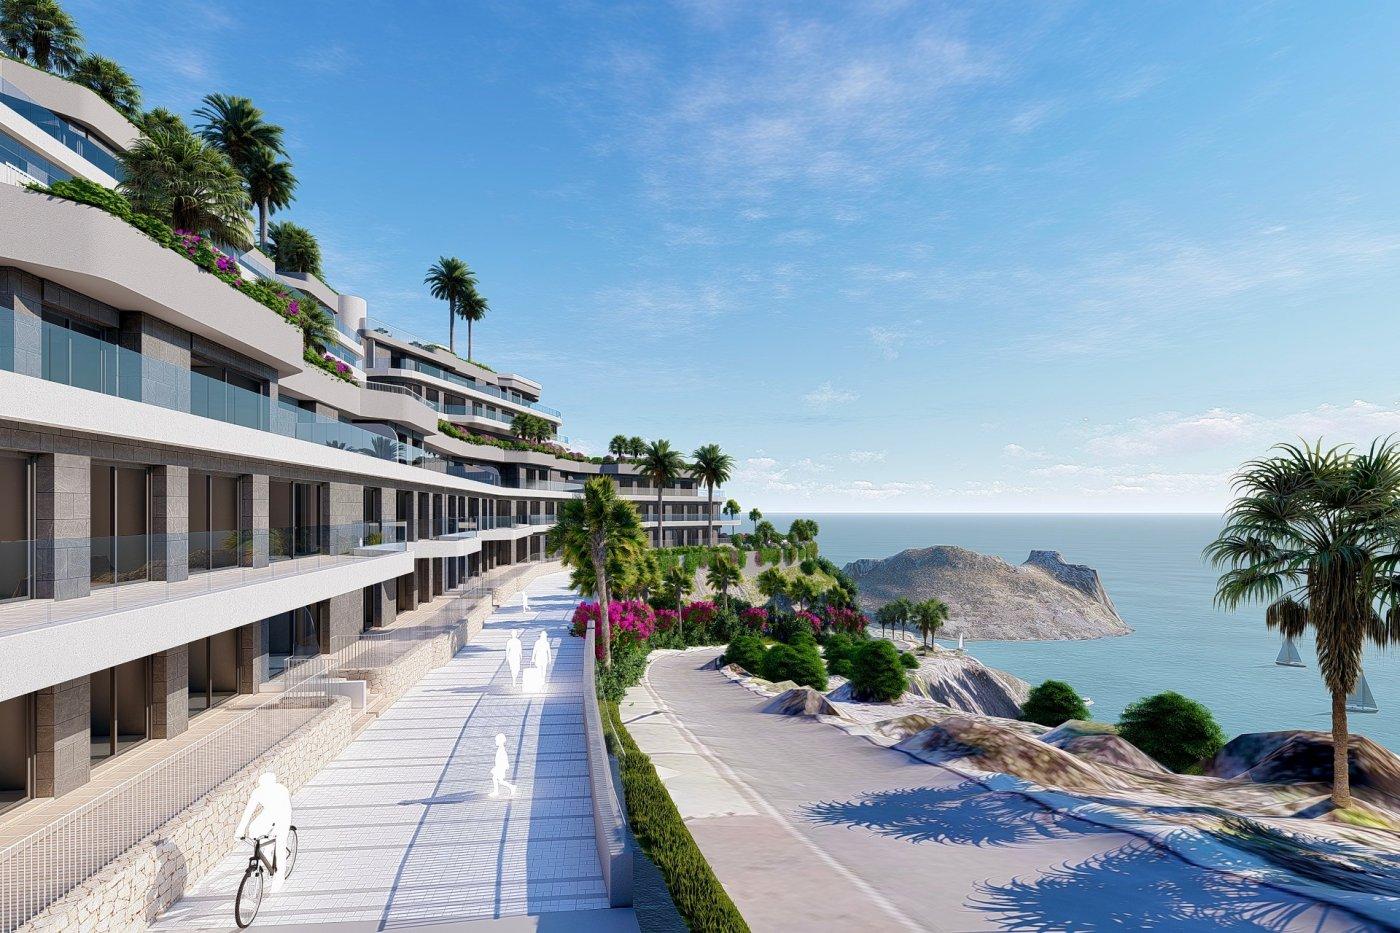 Galleribillede 17 of Exceptionel 2 etagers 4 vær luksus lejlighed, panorama udsigt, 58 m2 og 24 m2 solterrasser